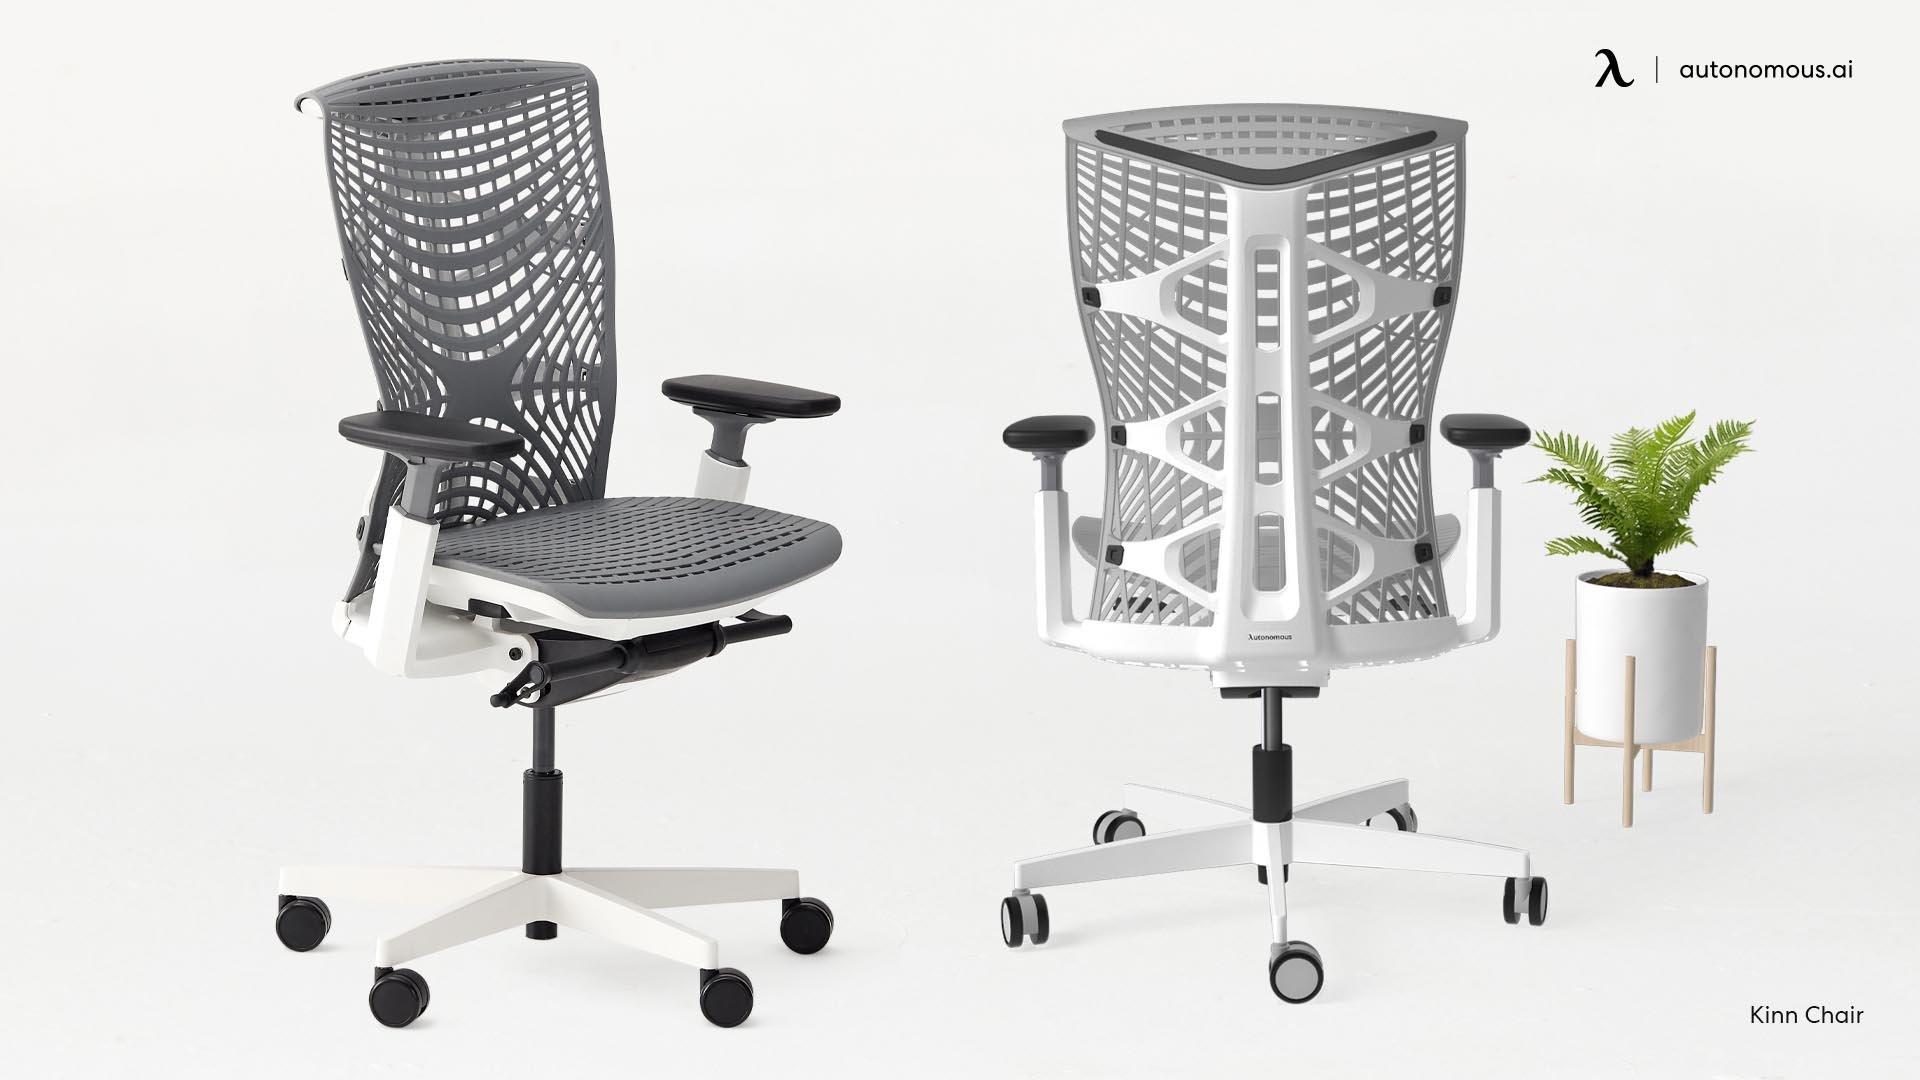 Photo of Kinn Chair